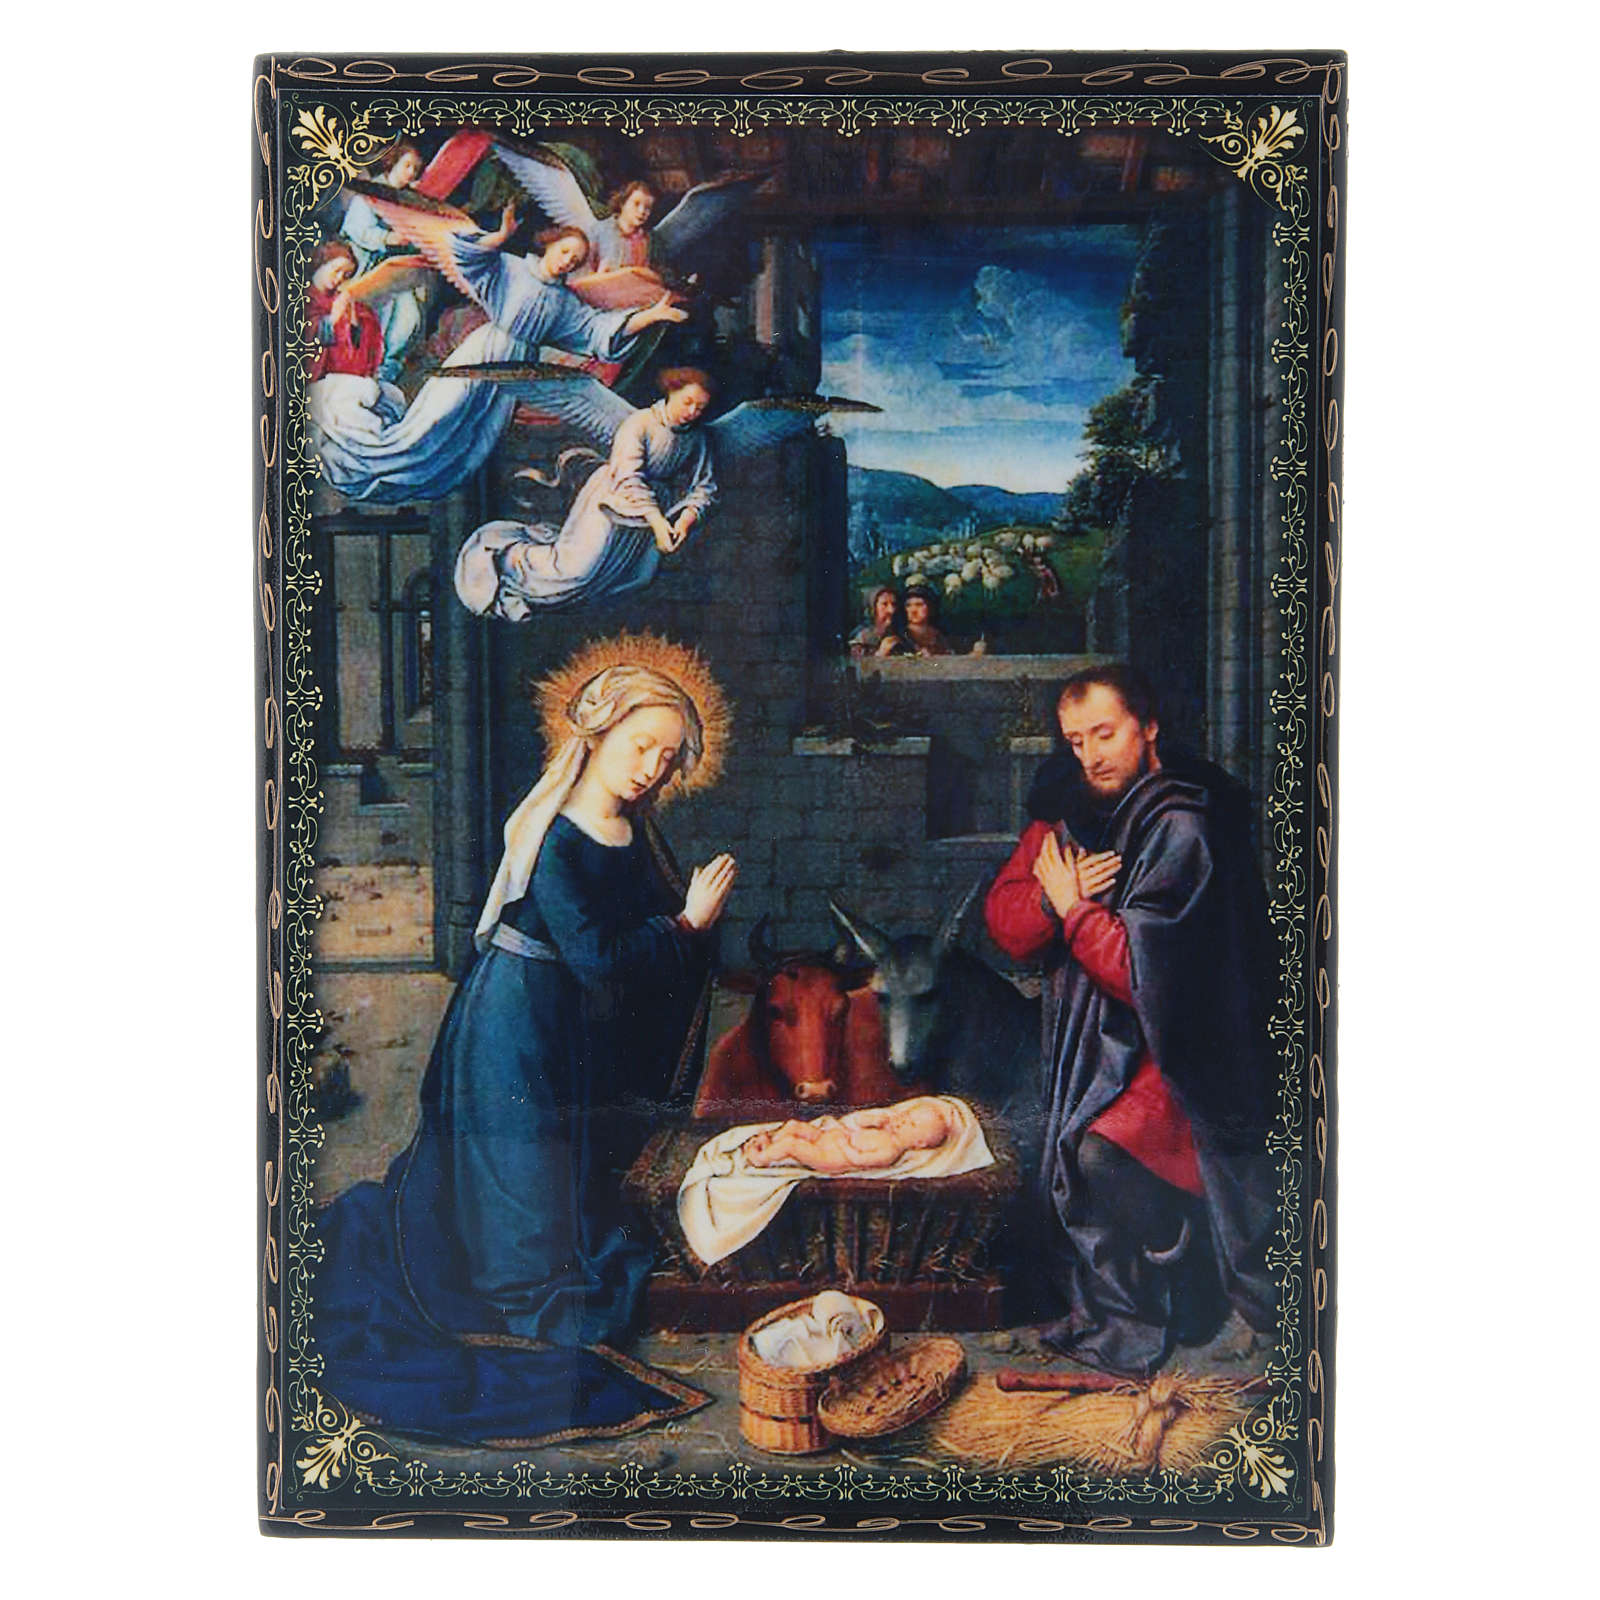 Lacca cartapesta decorata La Nascita di Gesù Cristo  22X16 cm 4